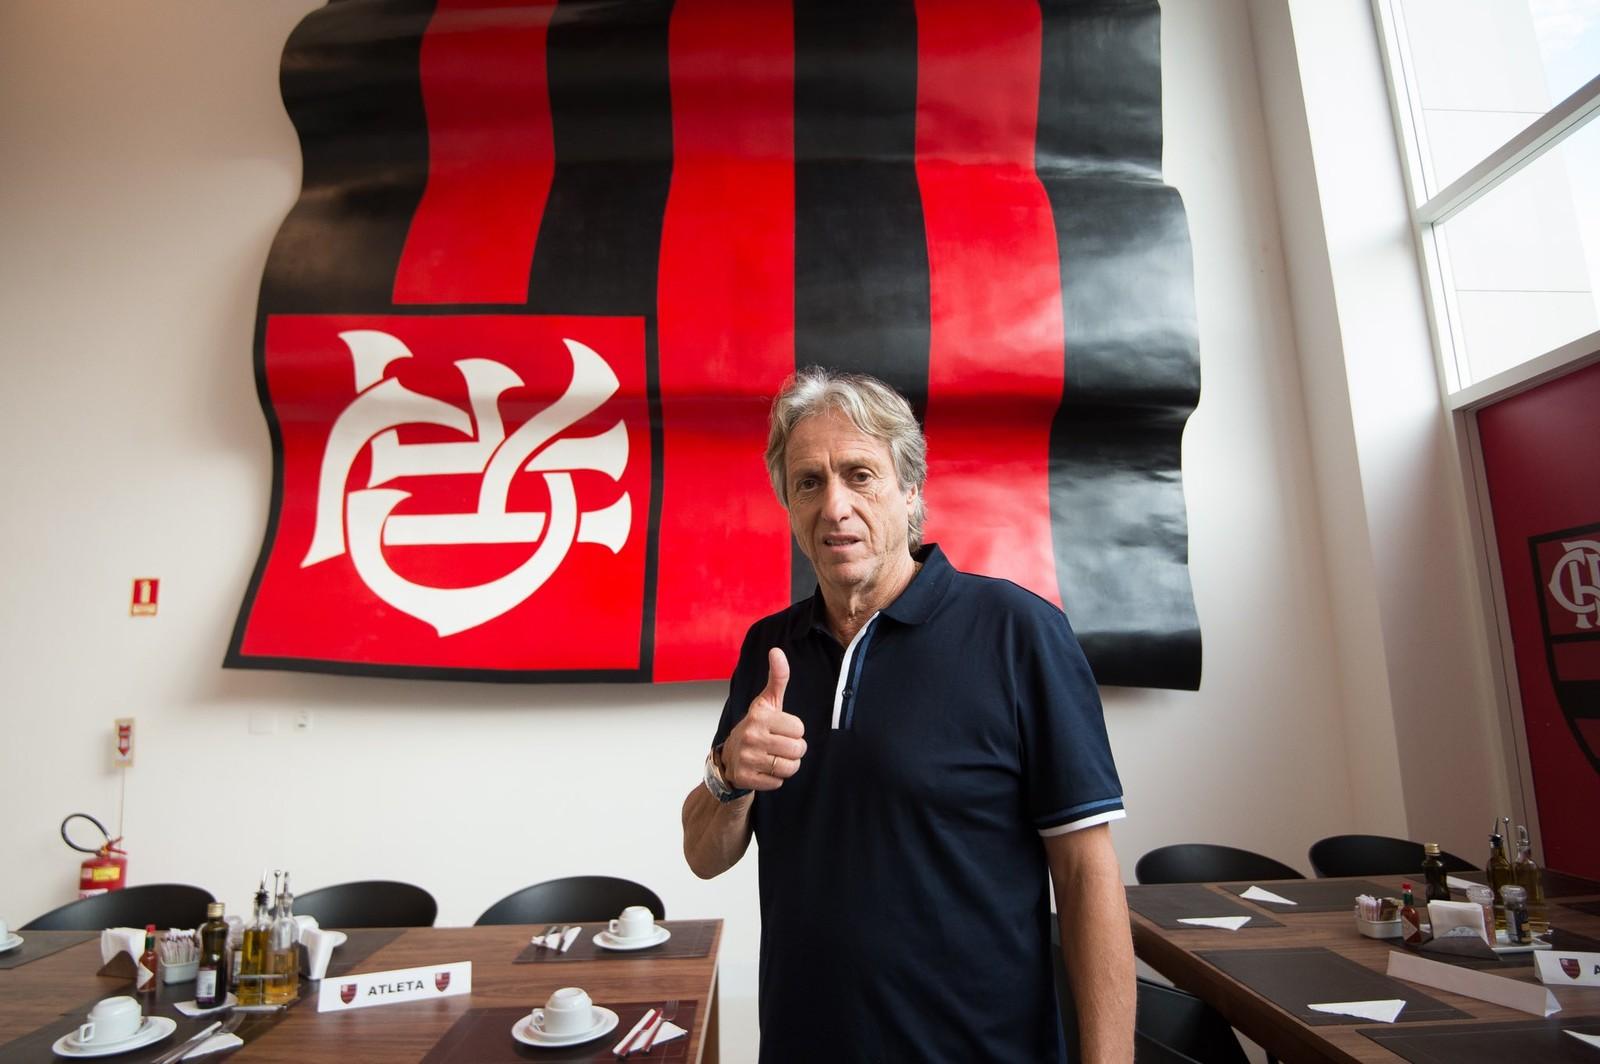 70dc0ddb6d Nesta quinta-feira, a partir das 10h, no Ninho do Urubu, o técnico Jorge  Jesus comanda seu primeiro treino no comando da equipe do Flamengo.